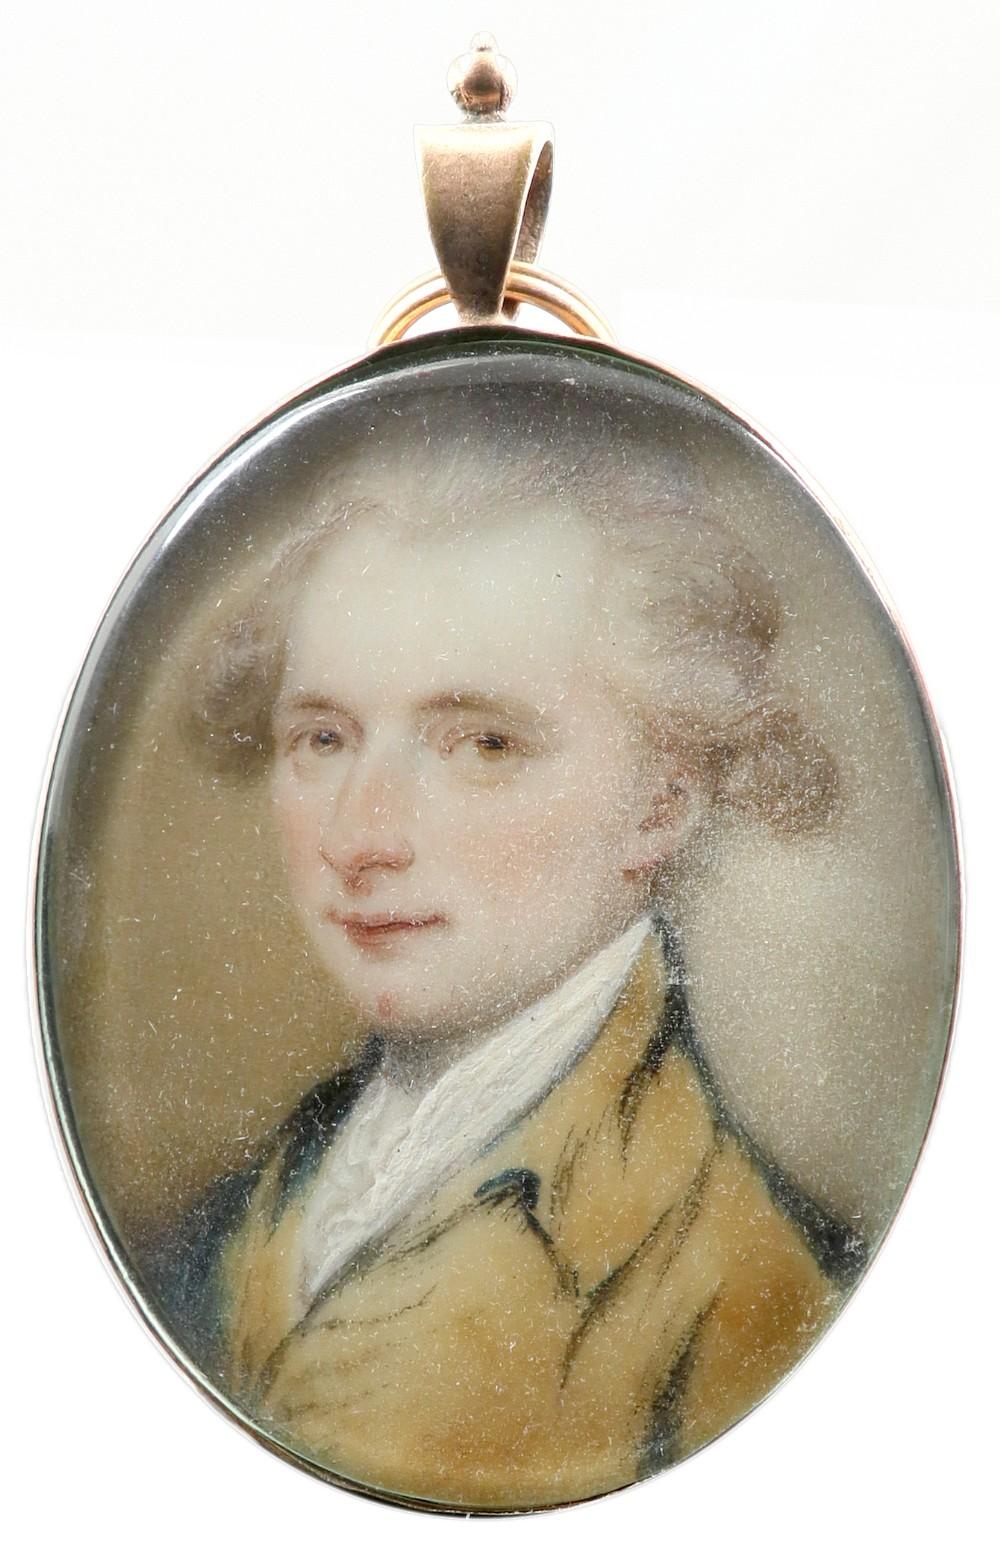 λEnglish School 18th Century Portrait miniature of a gentleman, in a brown coat and powdered hair